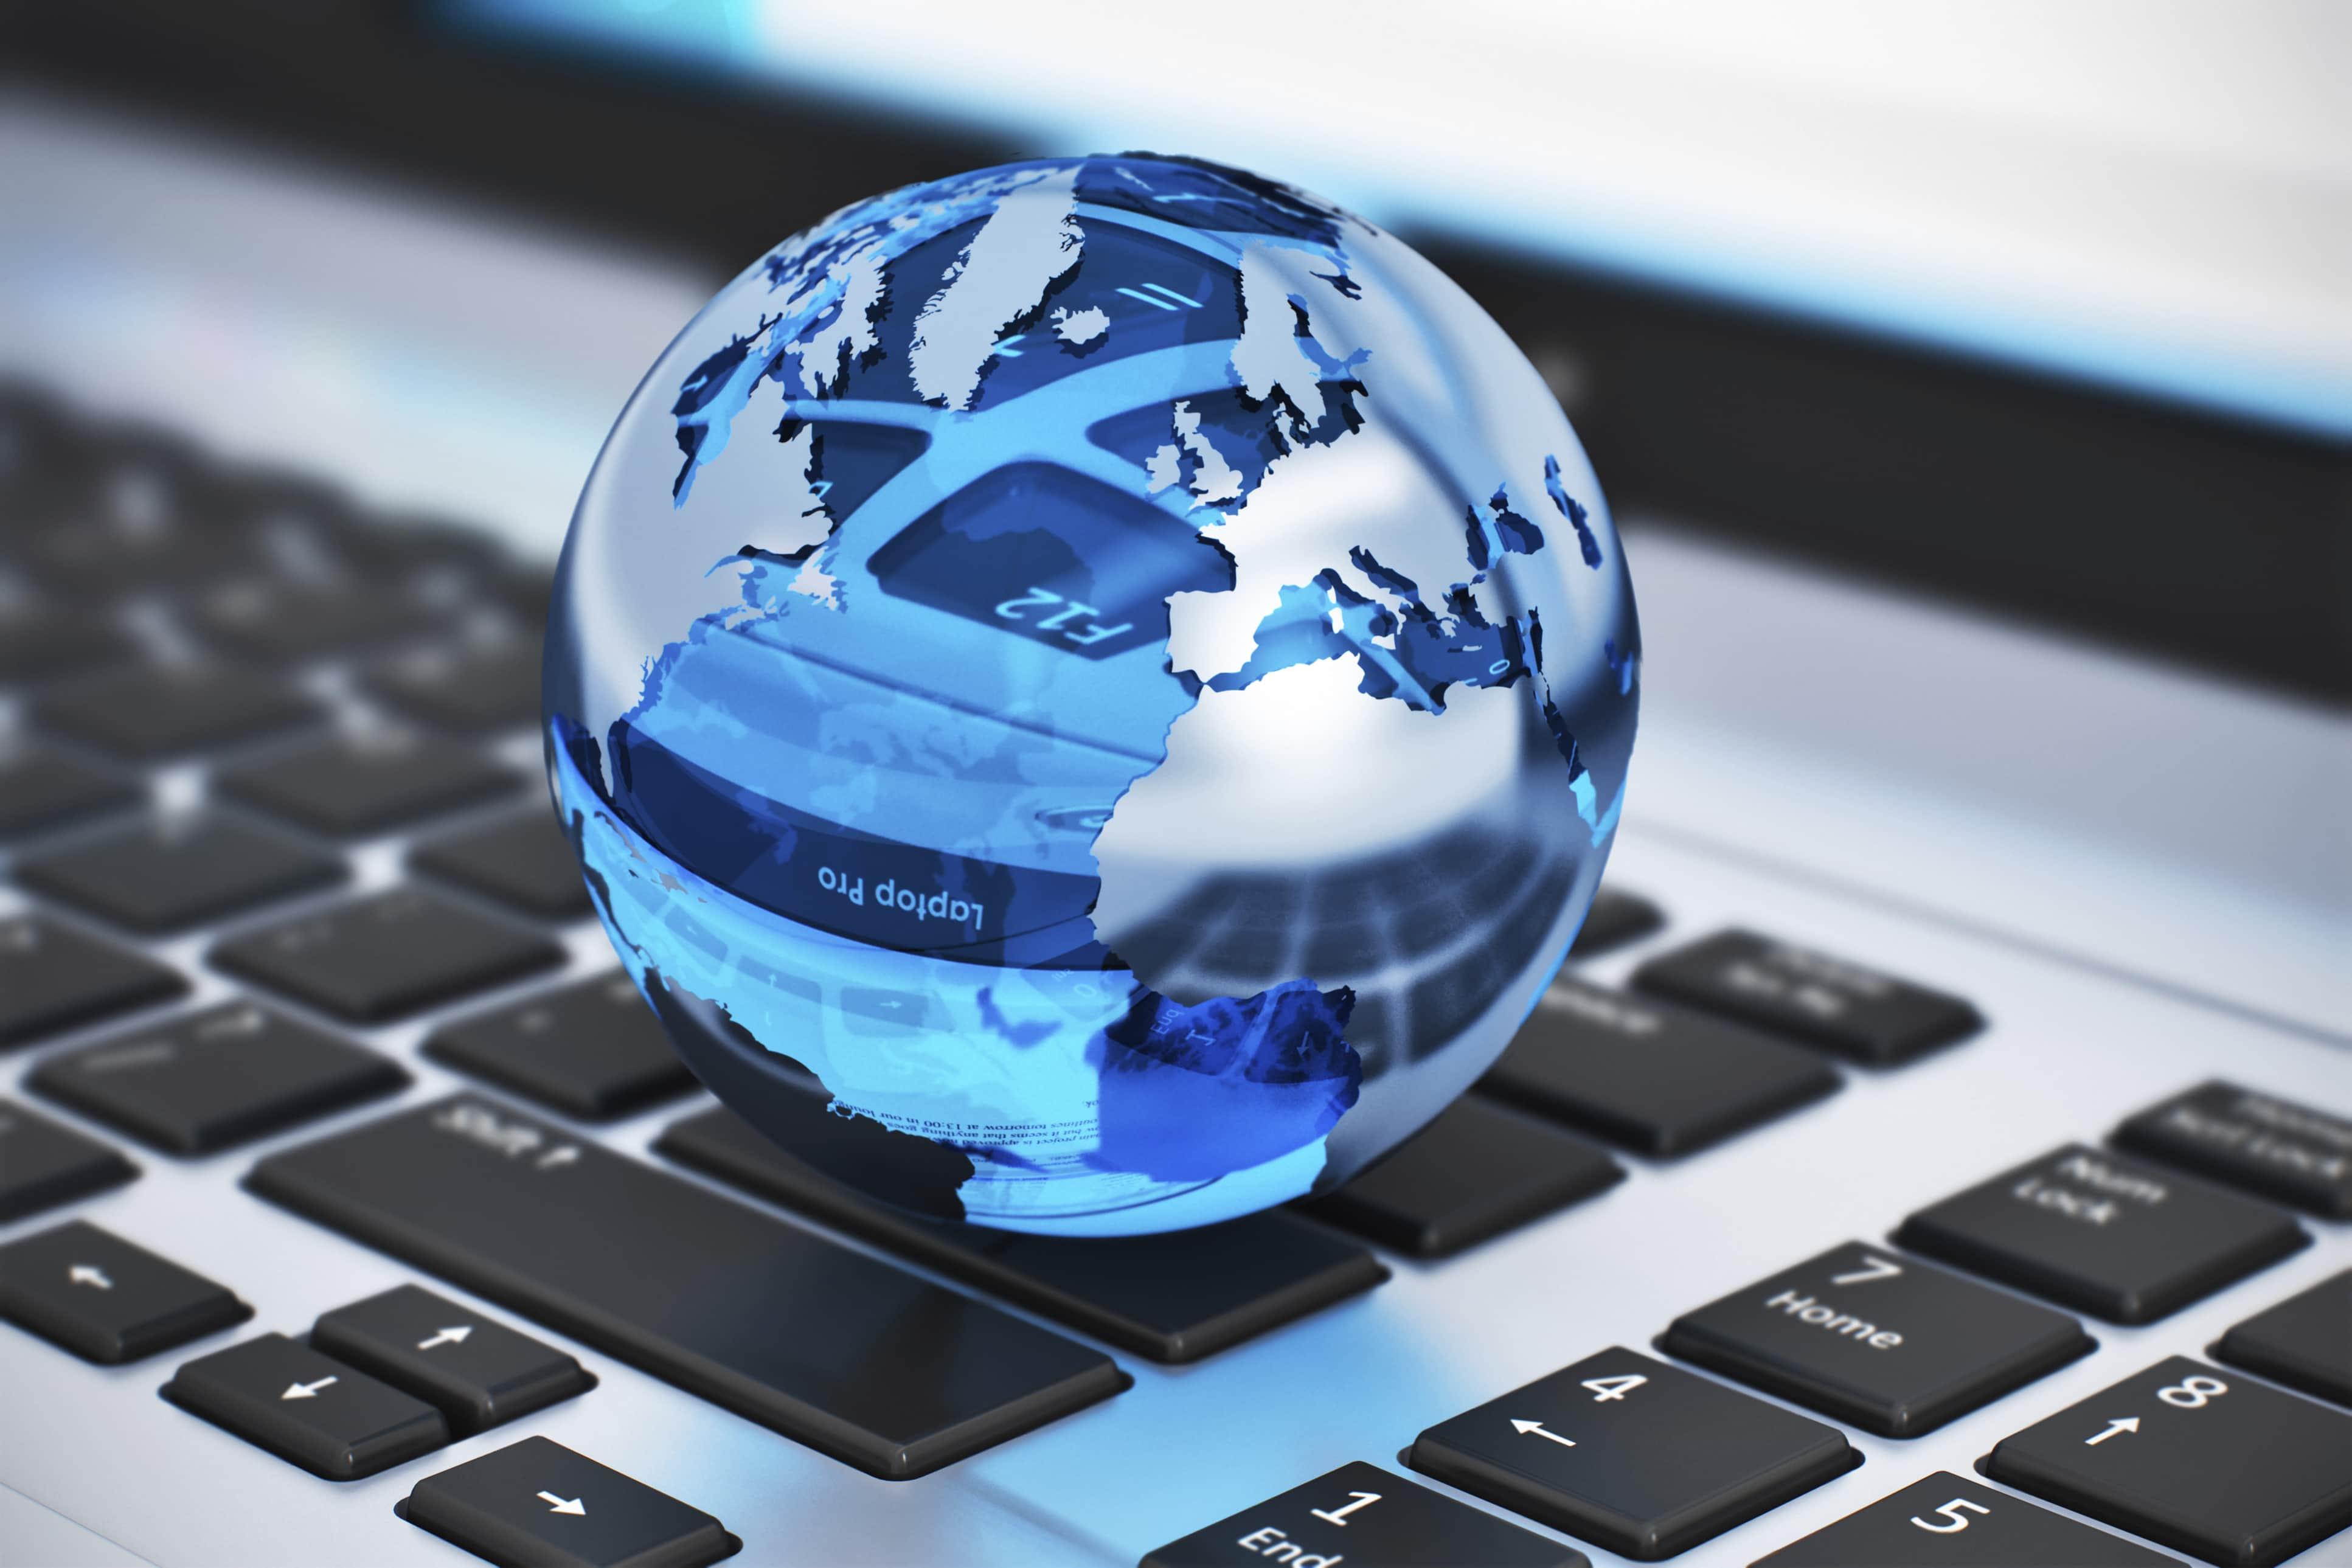 Mejora tus procesos de negocio con sistemas ERP